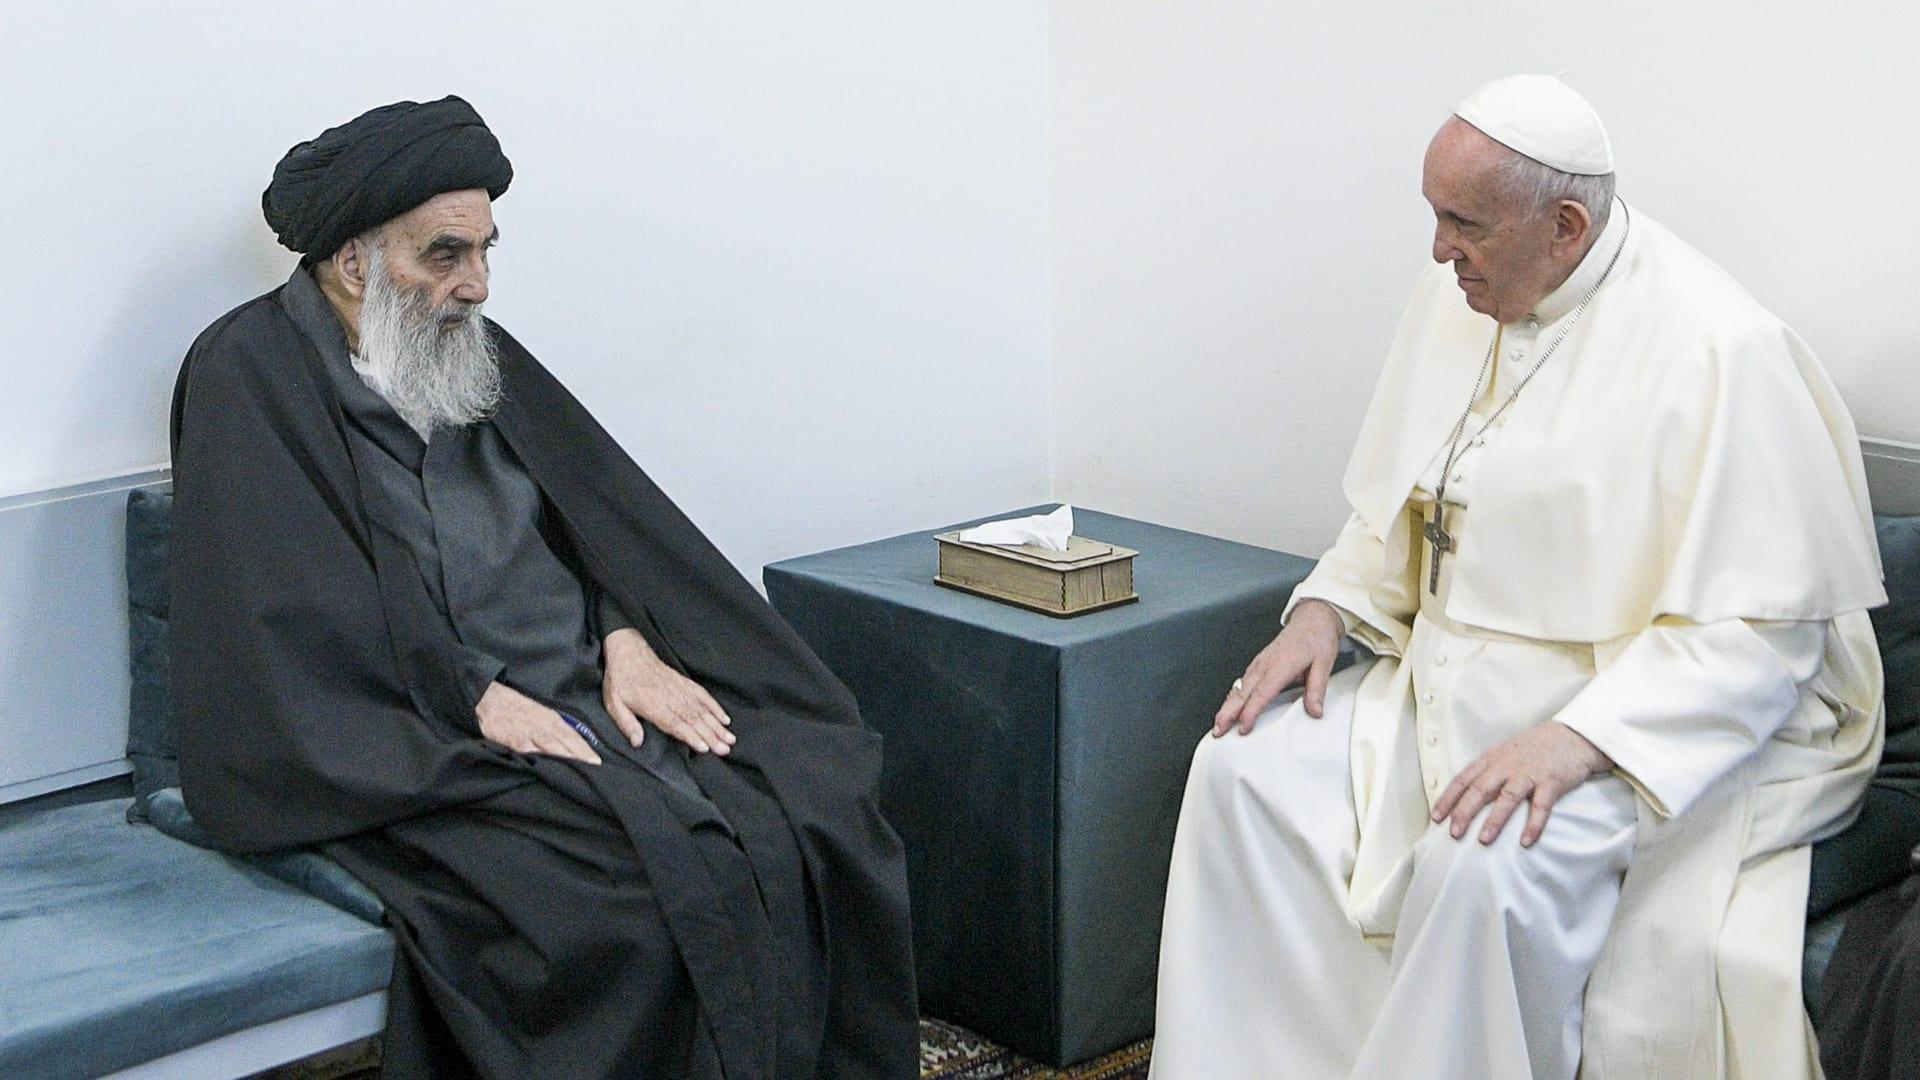 أول لقاء بين السيستاني وبابا الفاتيكان